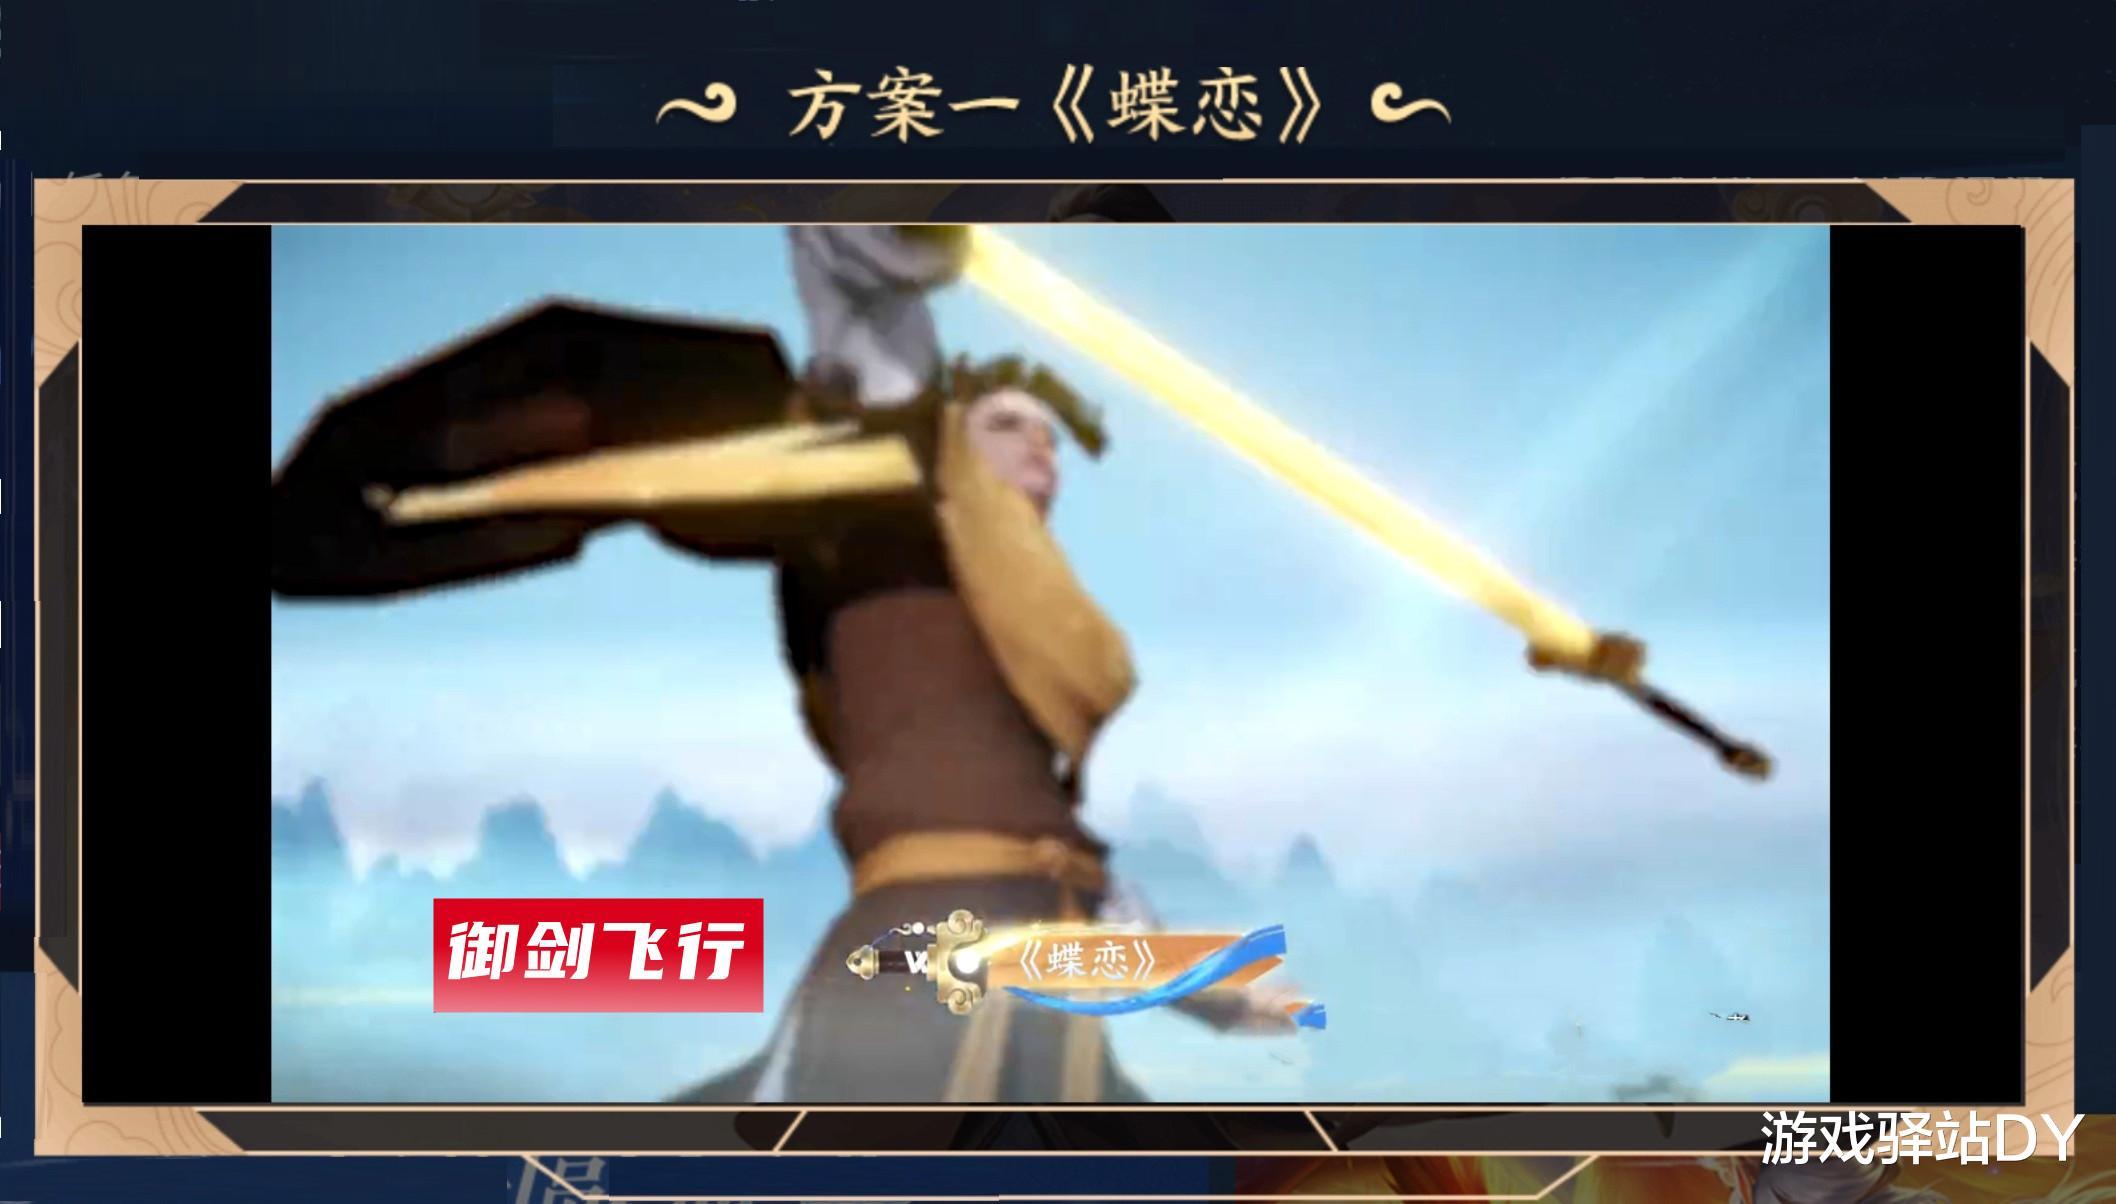 王者荣耀:战令币商店下周更新,两款限定返场,新传说皮肤上架